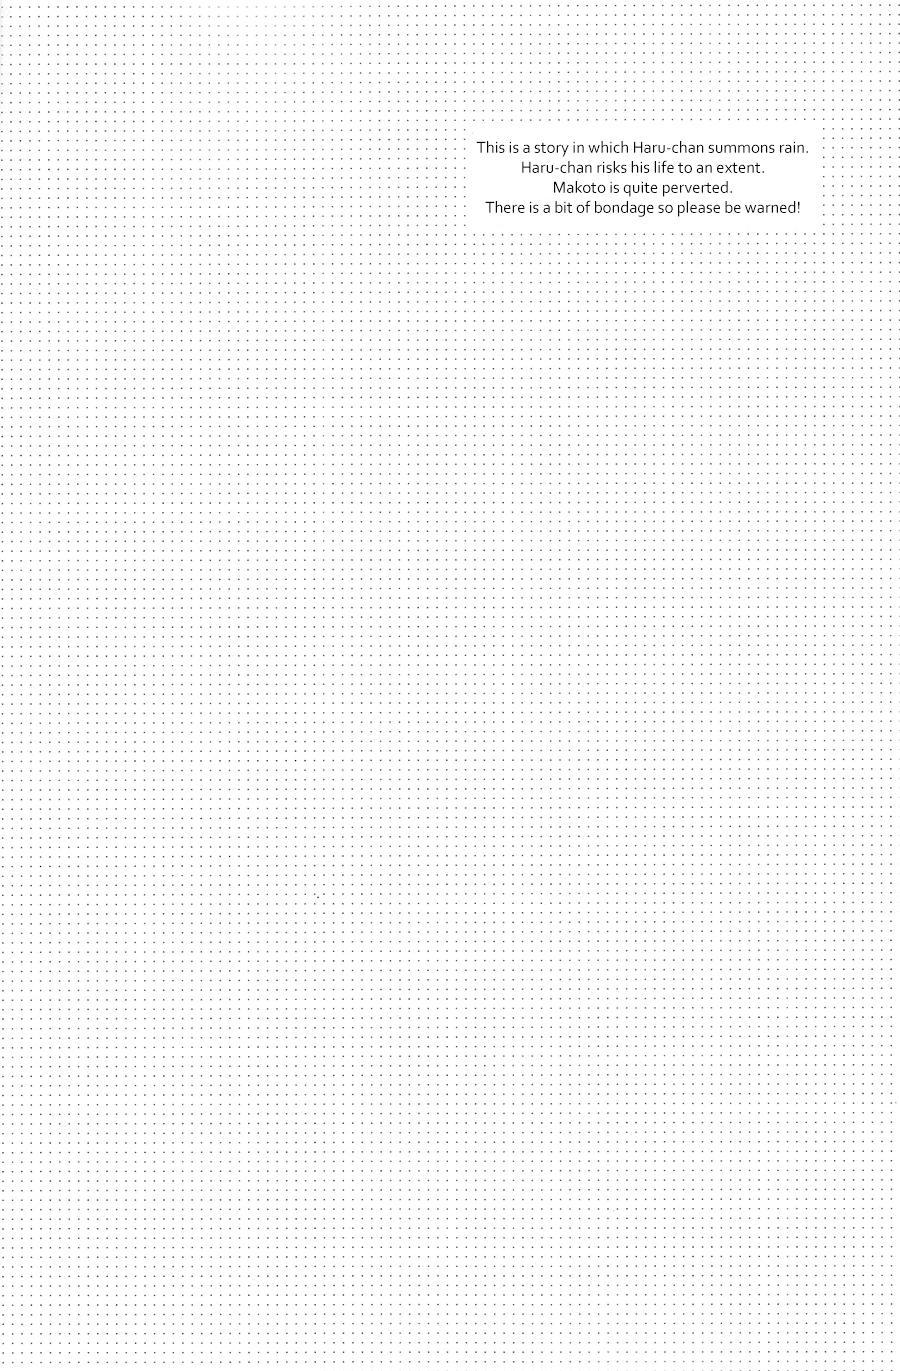 (Renai Endorphin) [Sneeeze (Kubu)] Haru-chan no Maru-Hi Amagoi Daisakusen!! (Free!) [English] [ichigo-day] 2